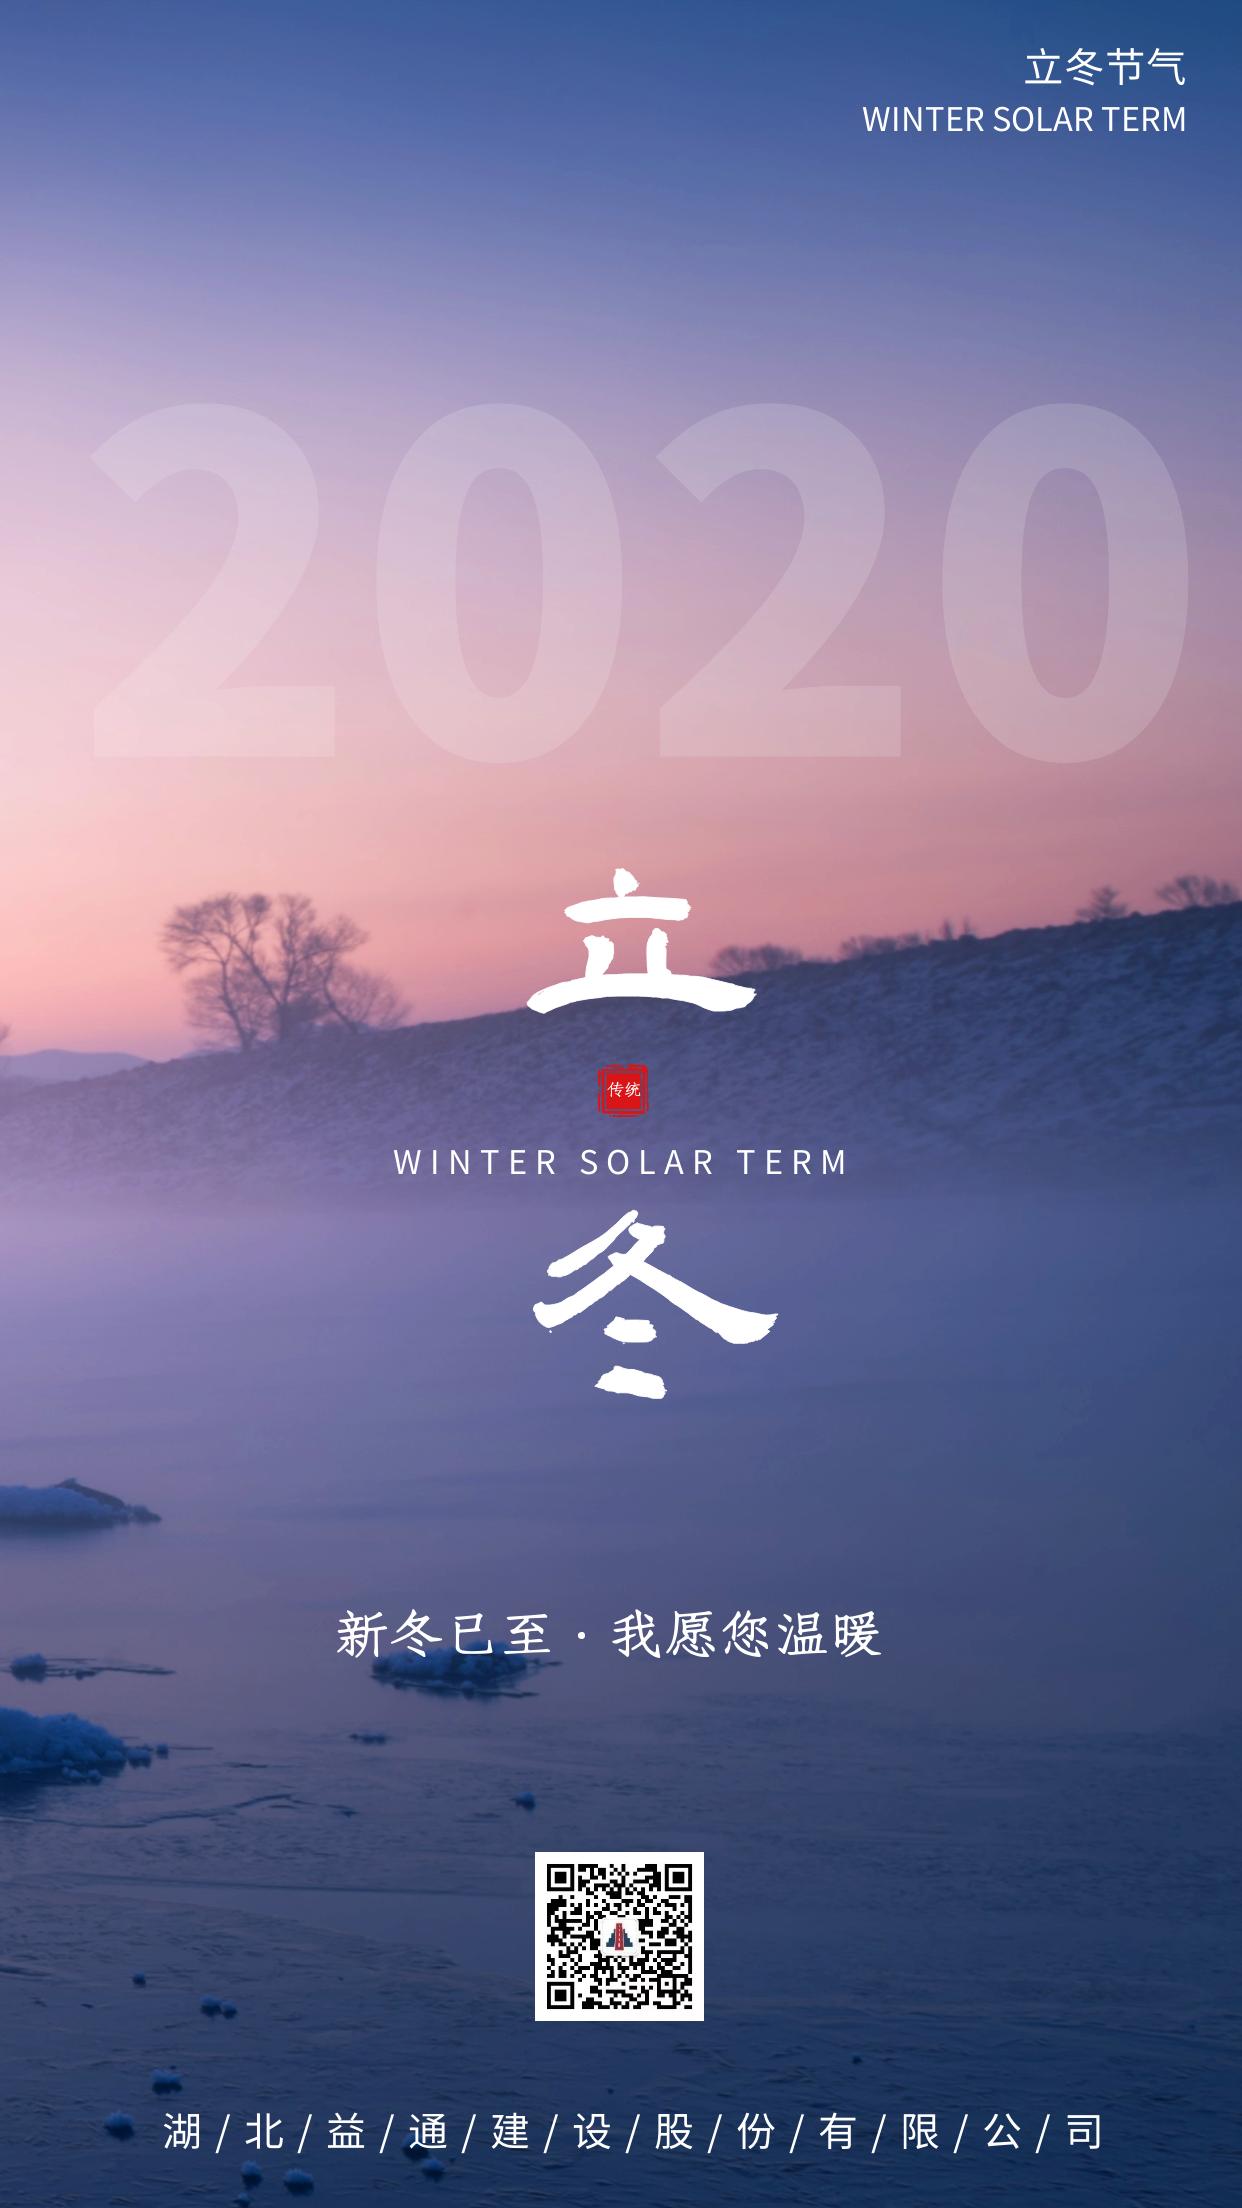 新冬已至 我願您溫暖